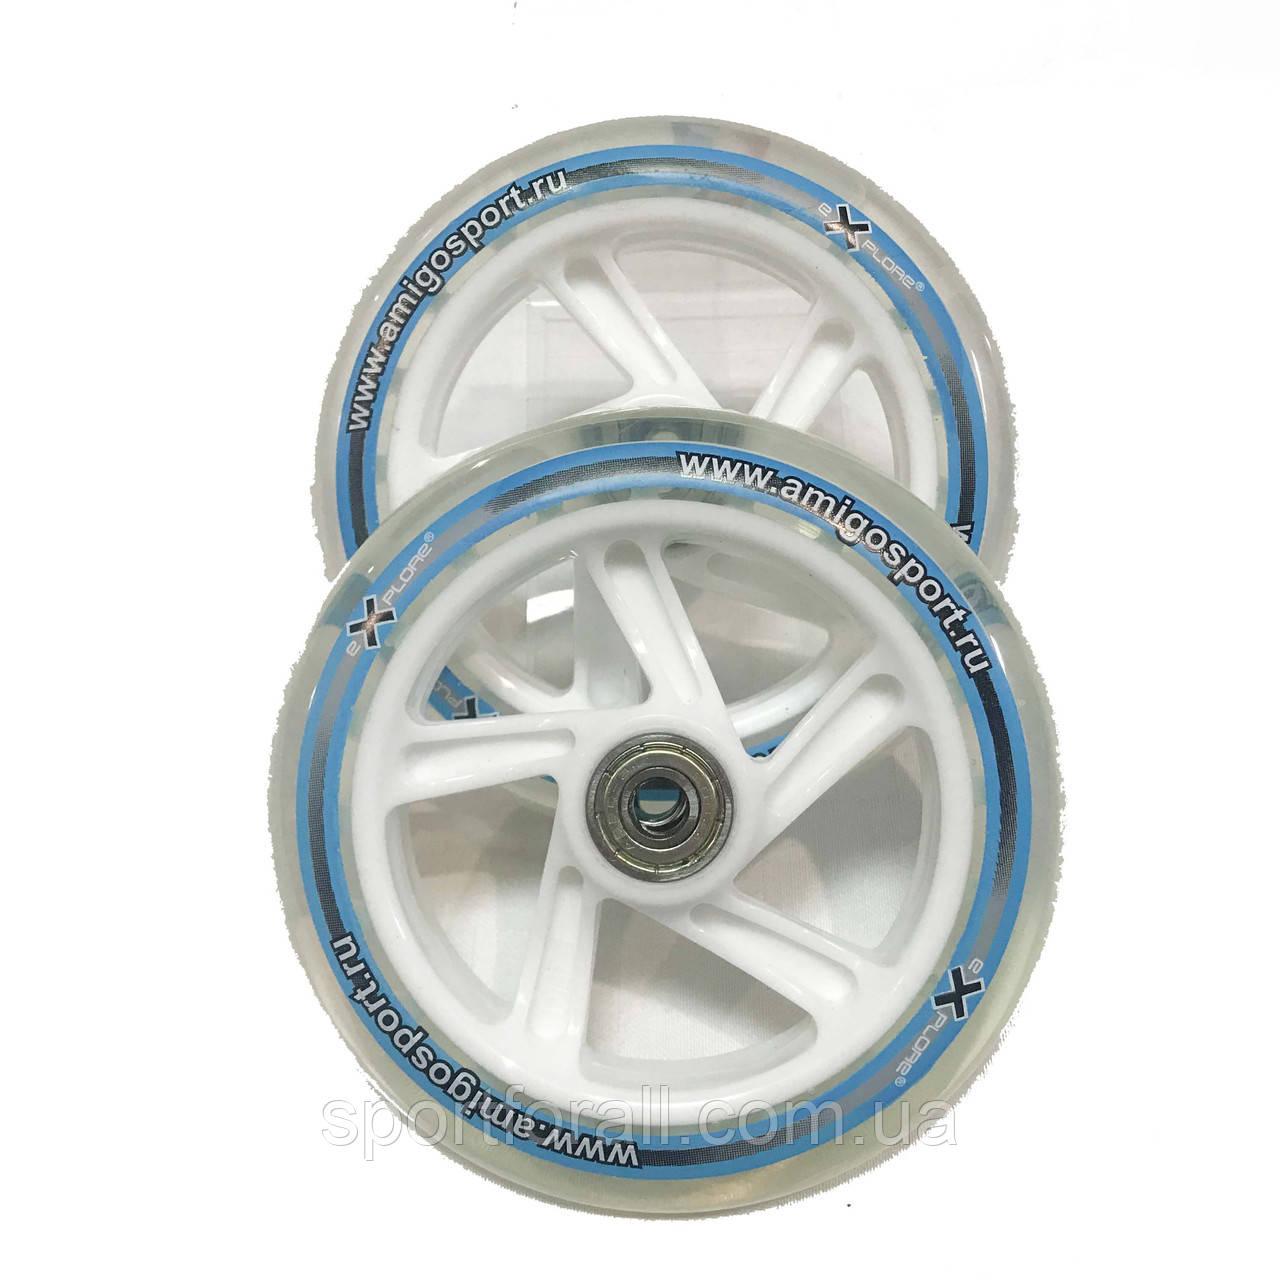 Колеса для самоката з підшипником 608-ZZ Explore Scooter Wheels 125мм (2шт)